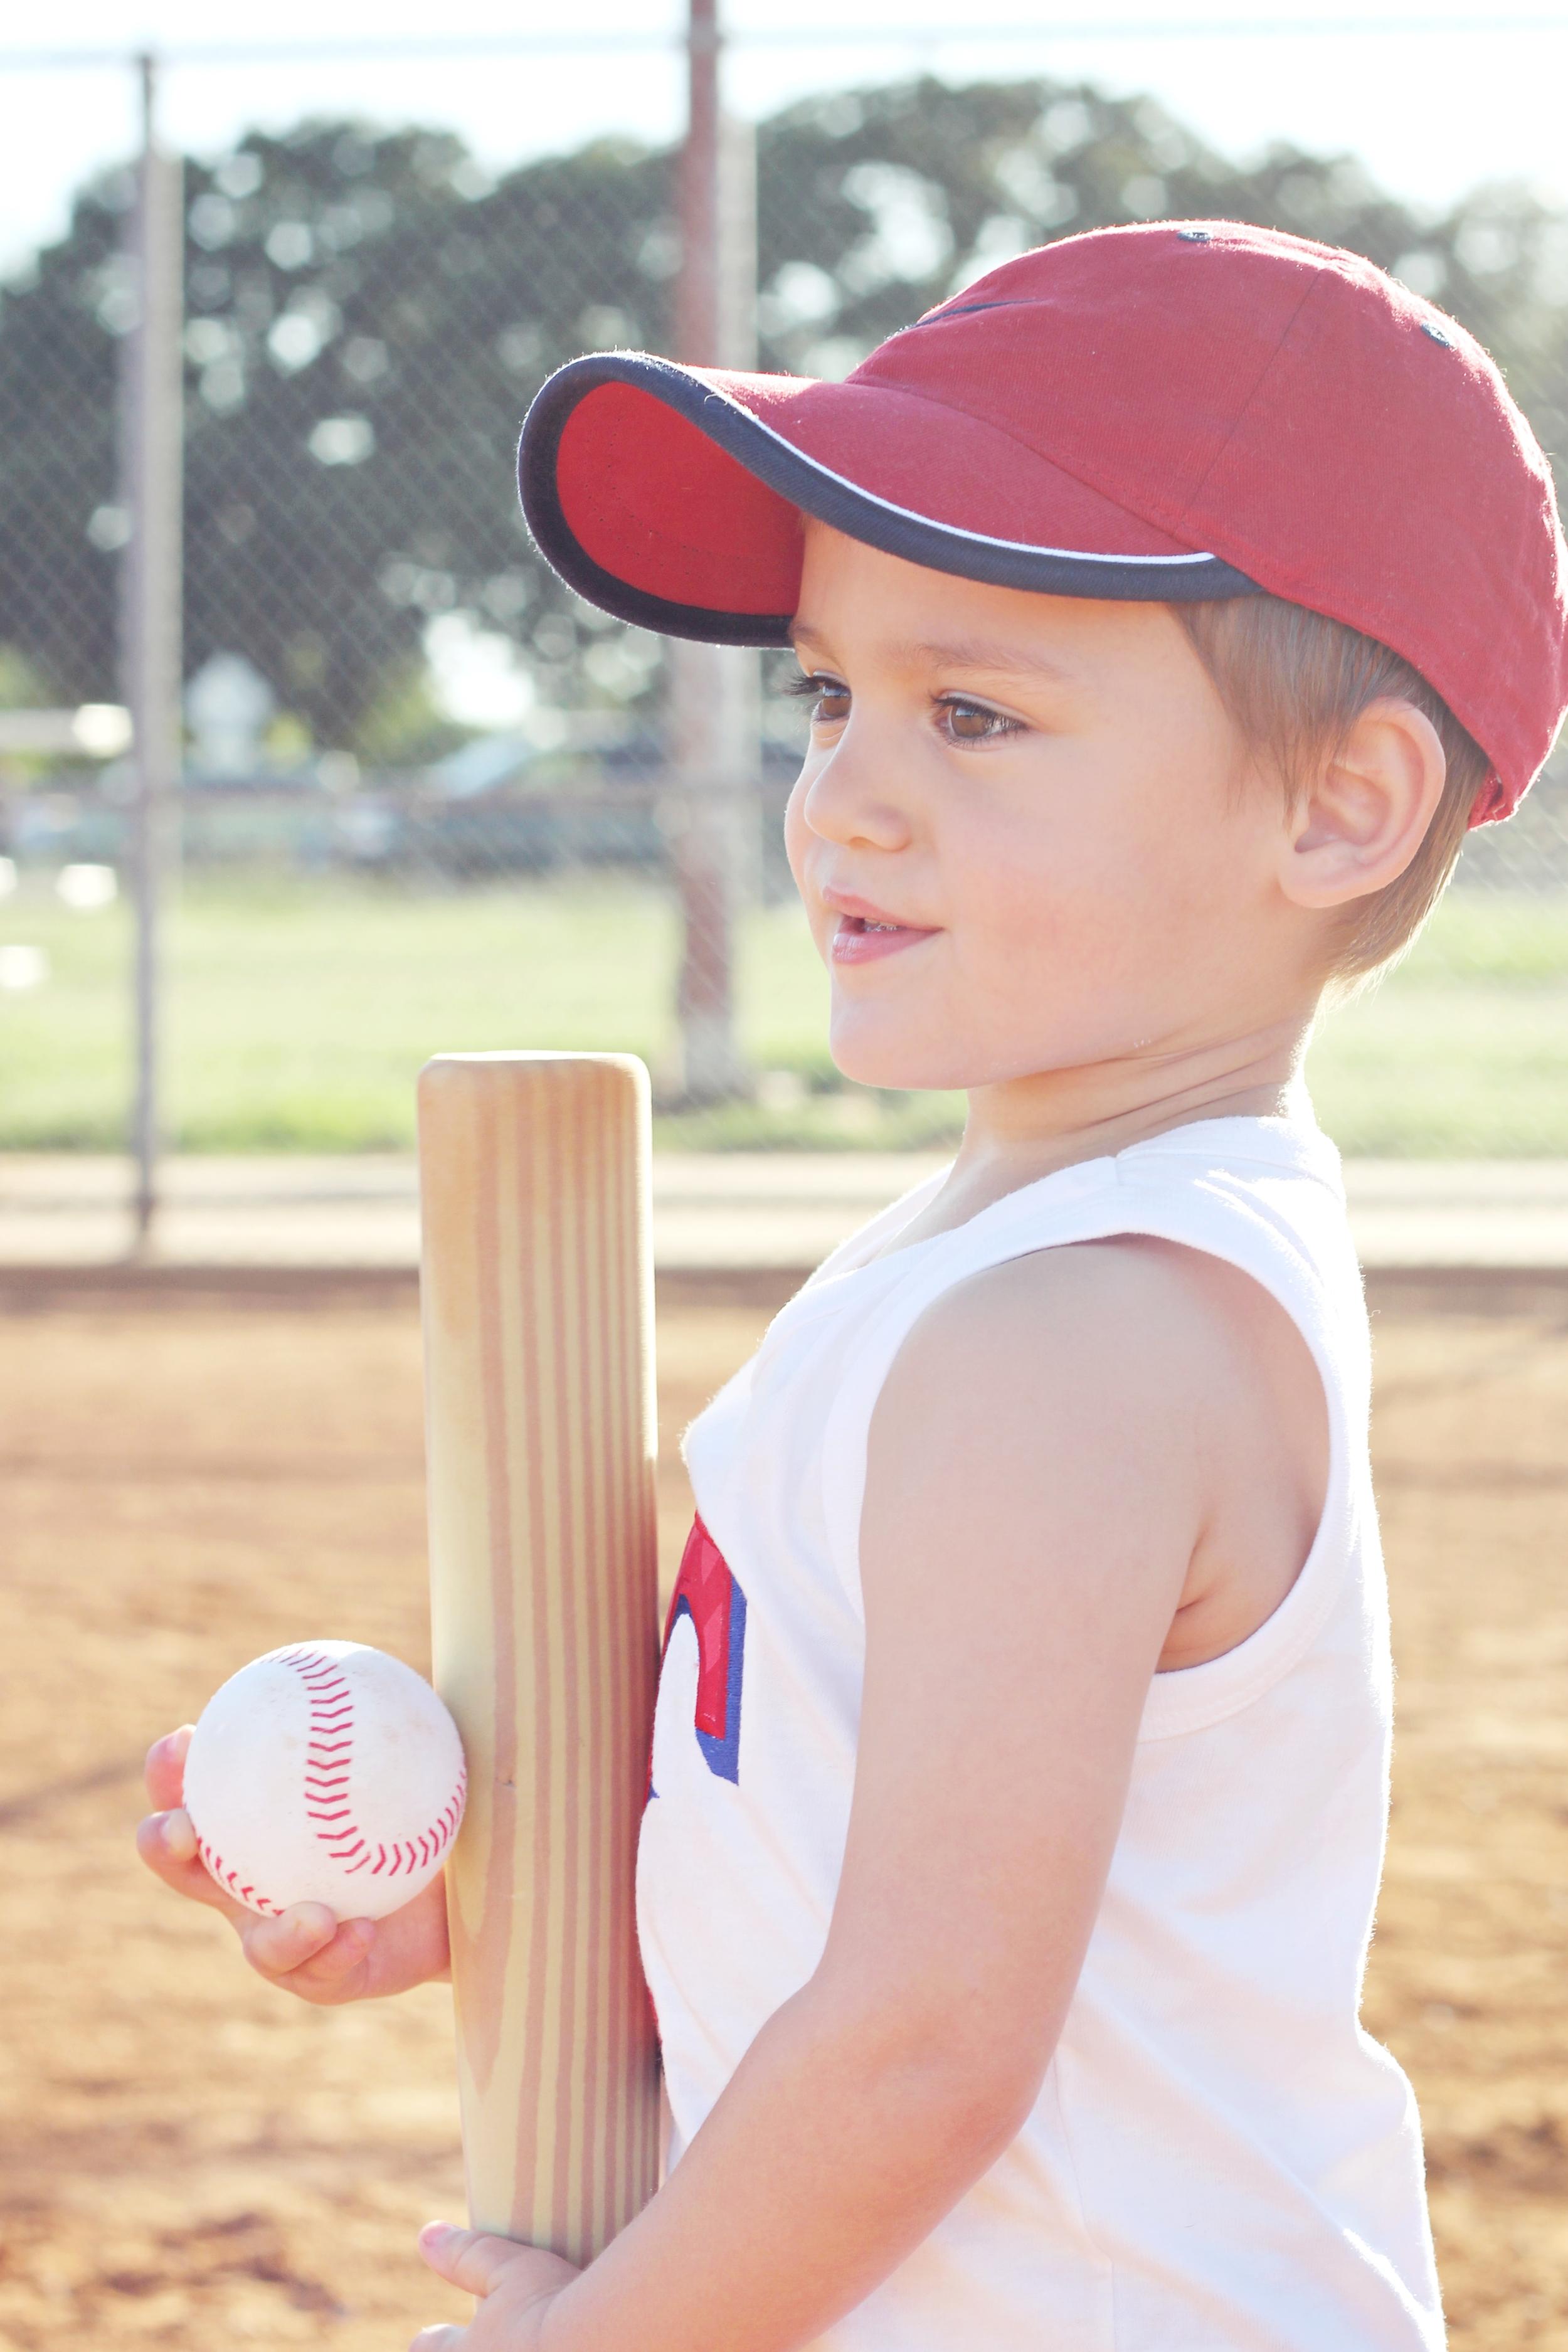 Batter Up!!